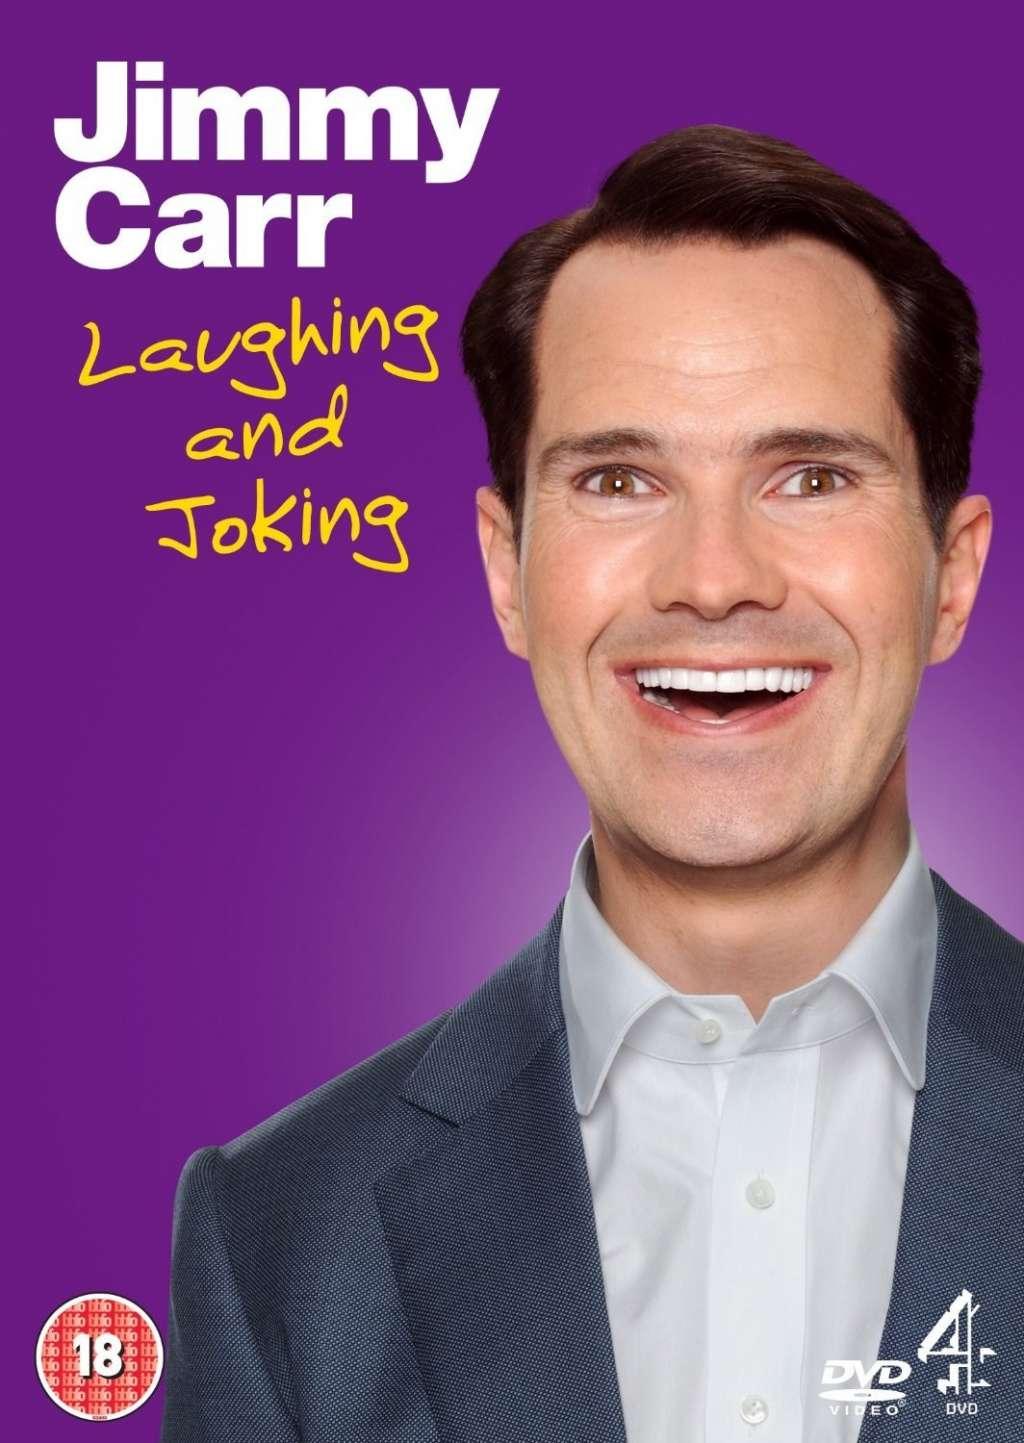 Jimmy Carr: Laughing and Joking kapak